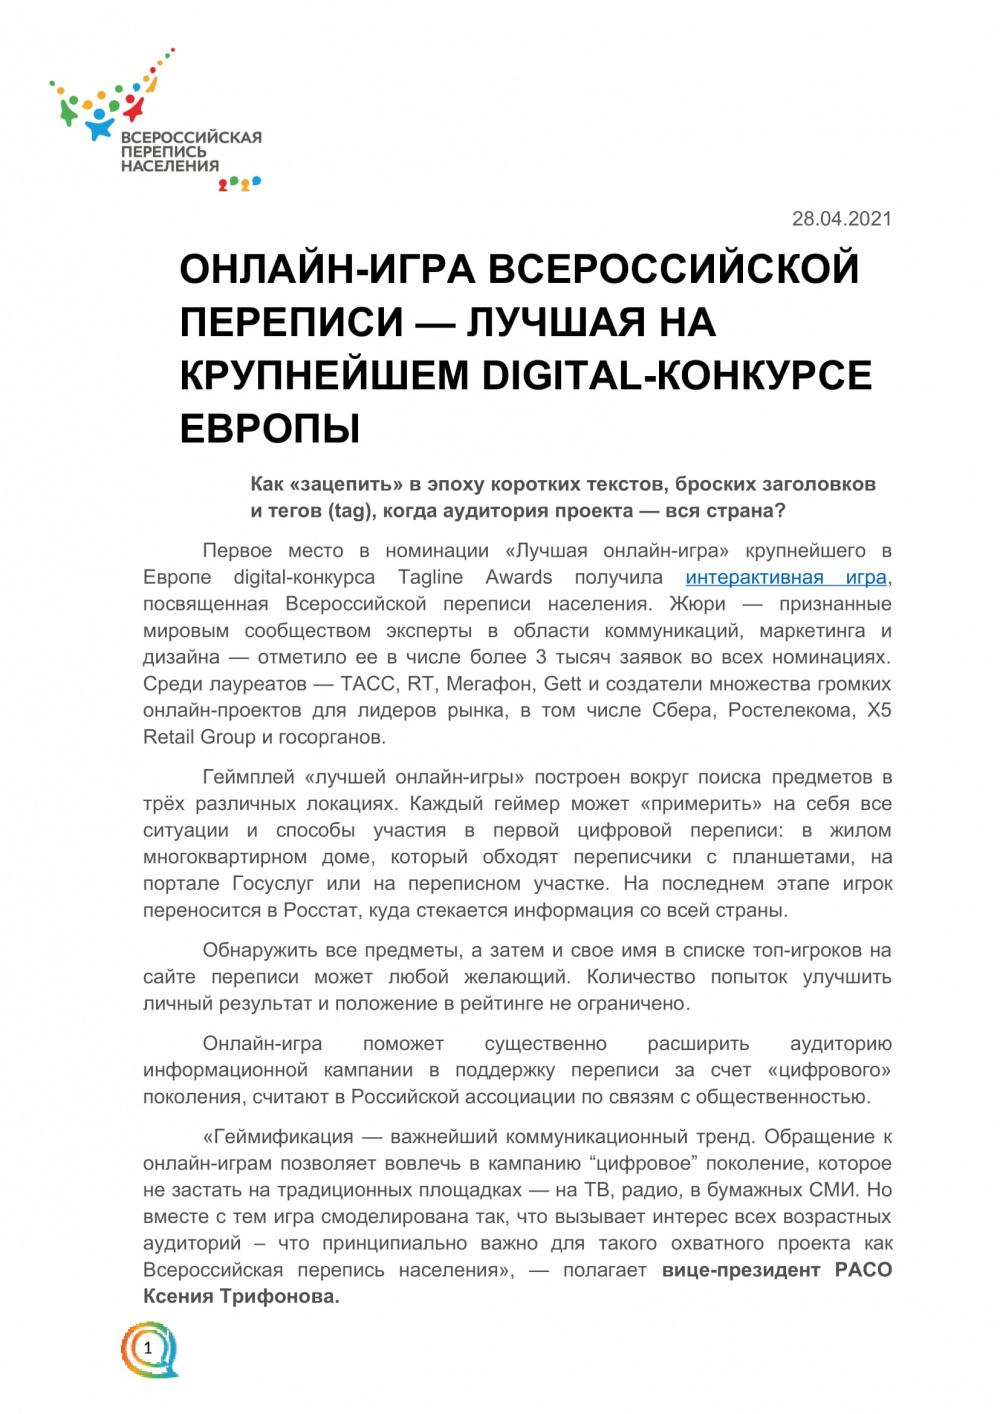 Онлайн-игра Всероссийской переписи - лучшая на крупнейшем DIGITAL - конкурсе Европы